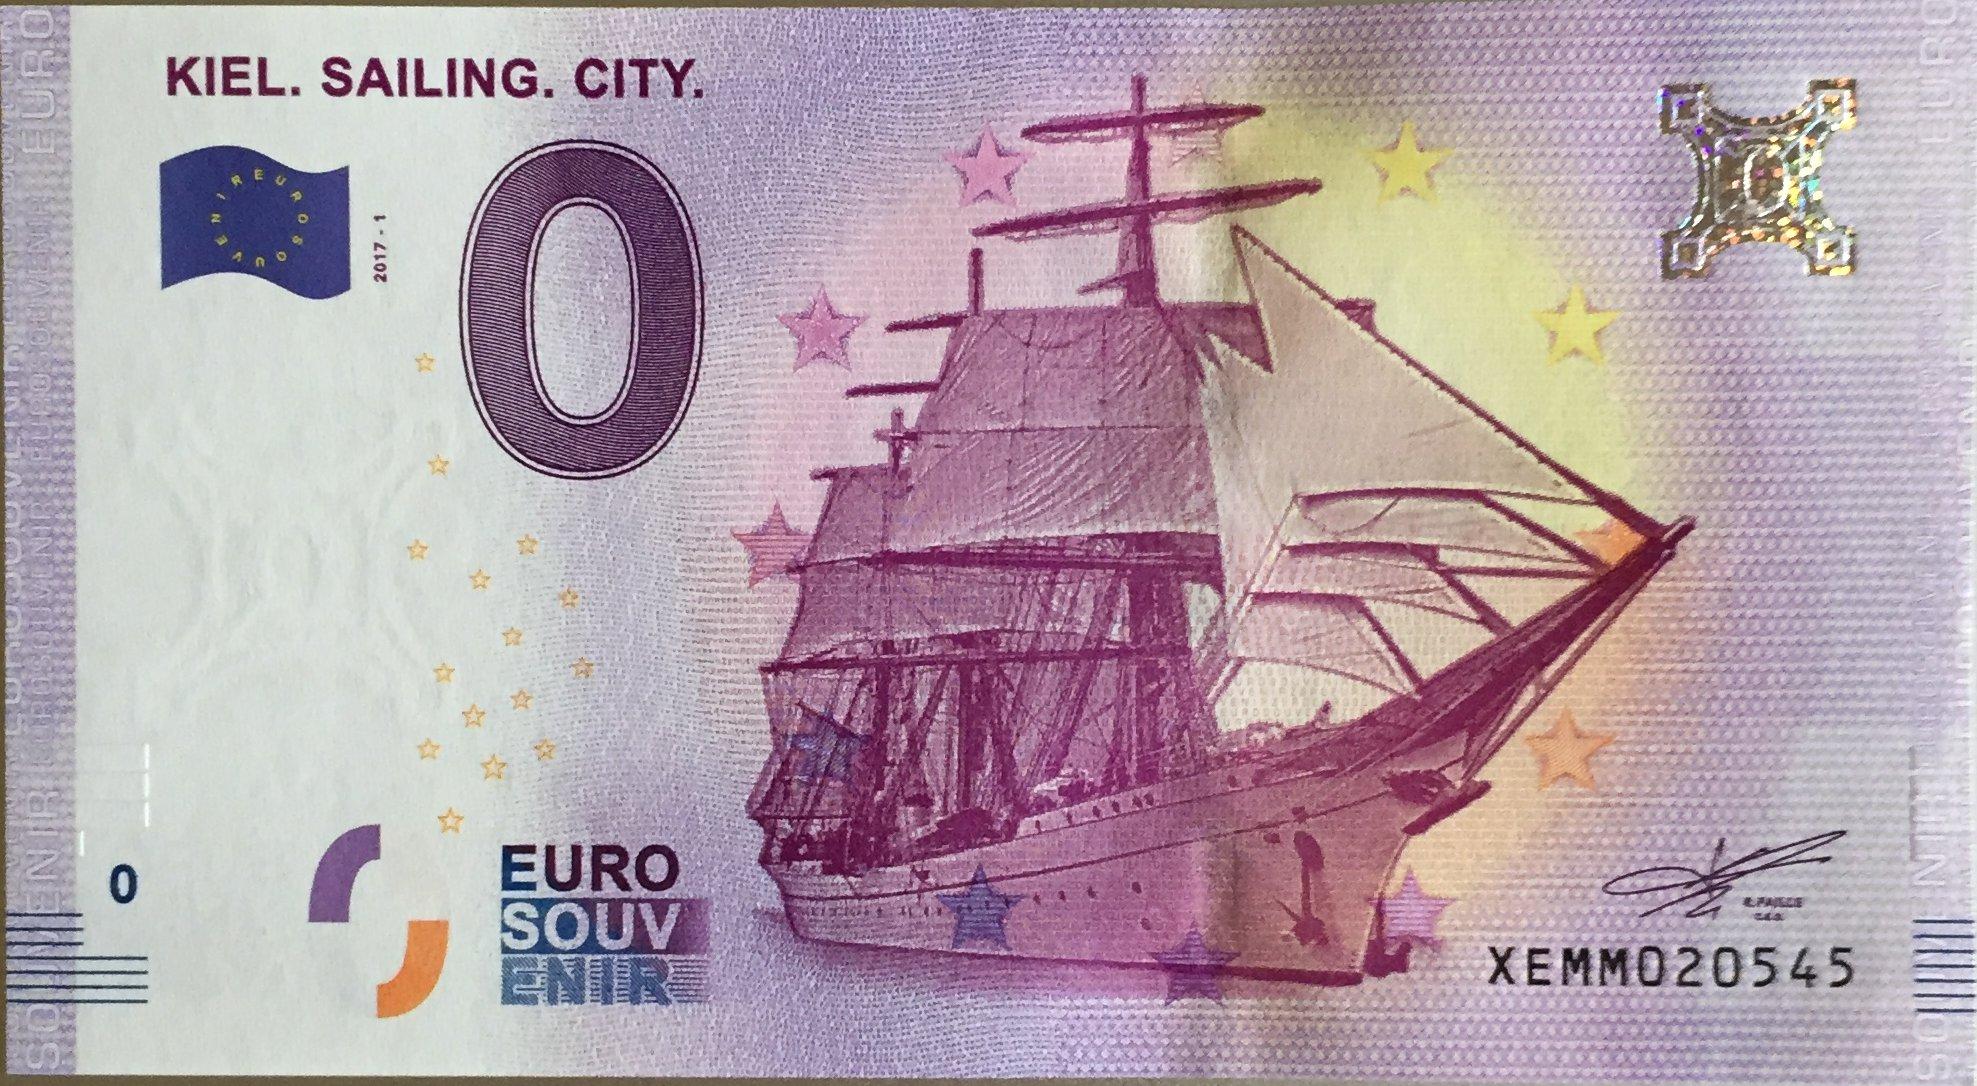 0 Euro Schein Wikipedia